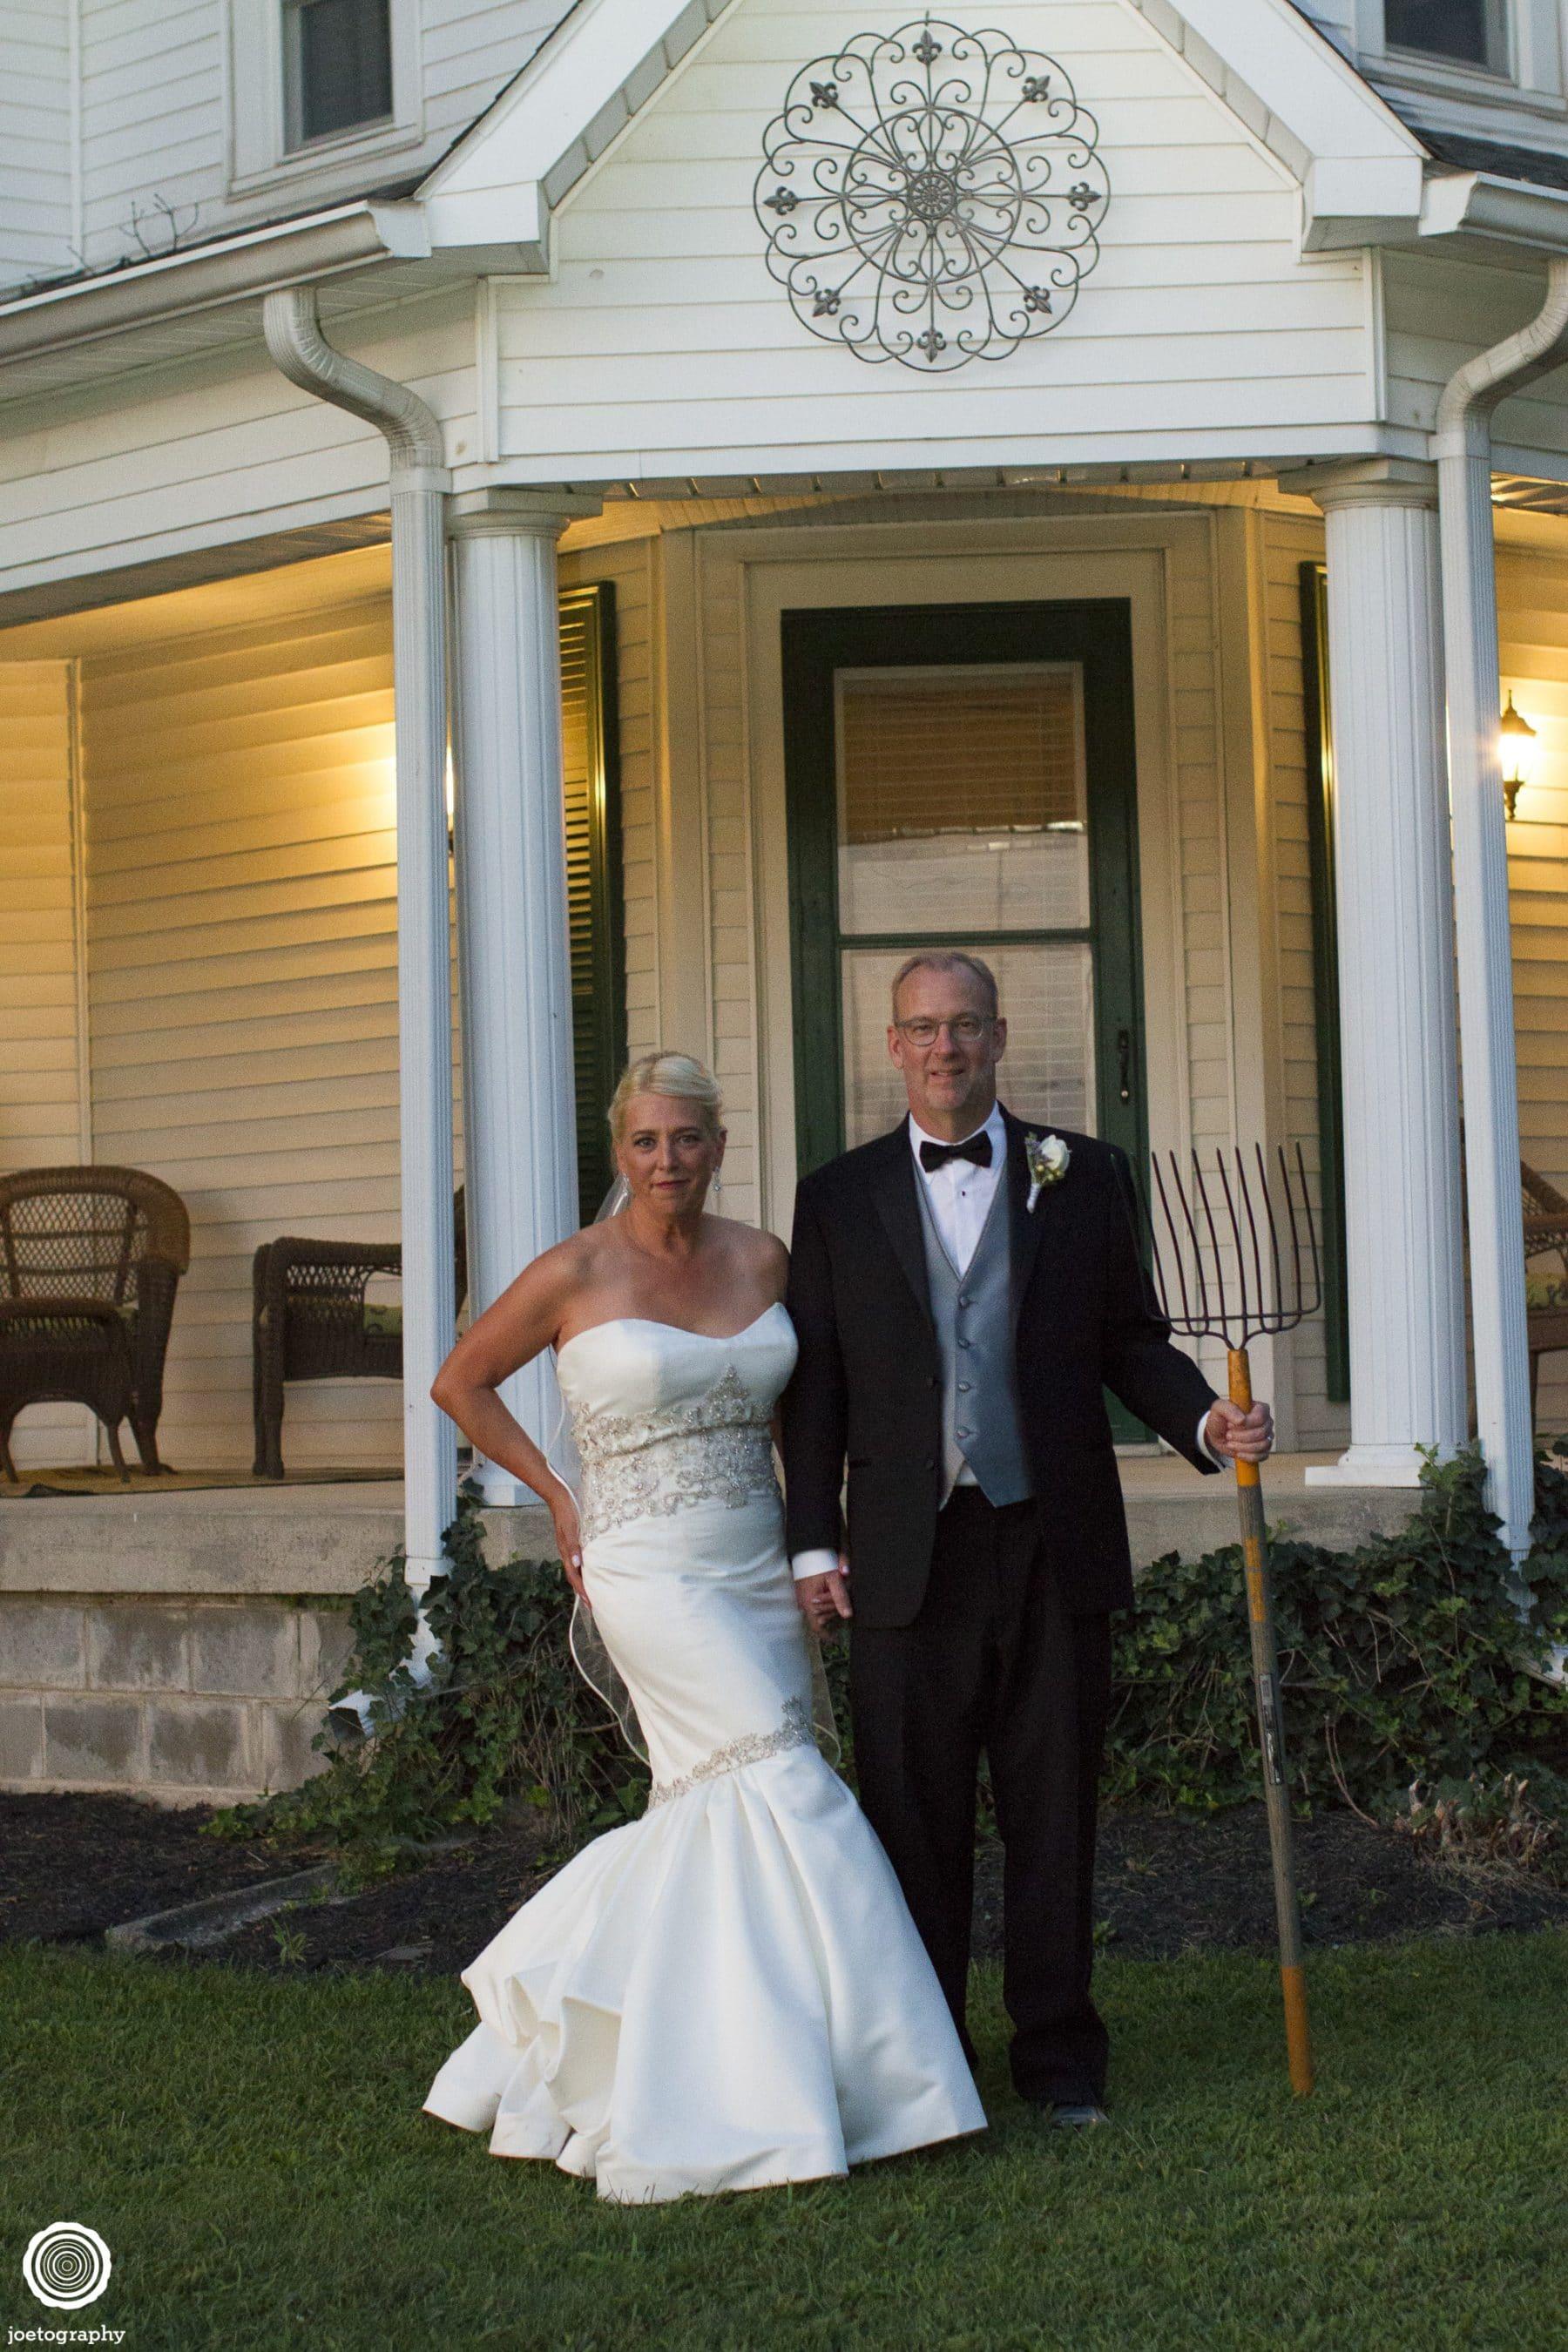 donaldson-wedding-photography-whitestown-indiana-443